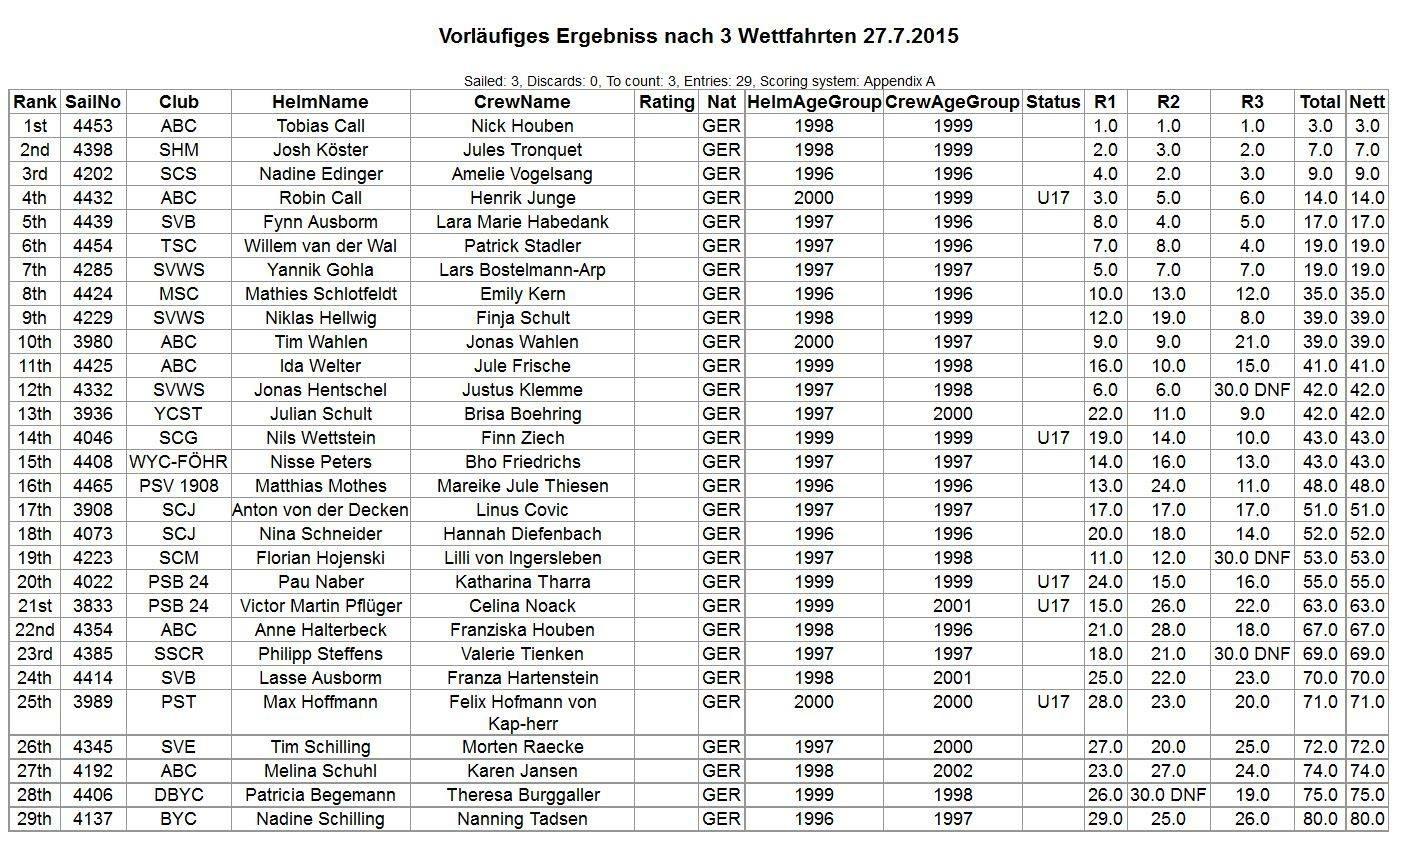 2015_07_27 Ergebnisse 3 Wettf